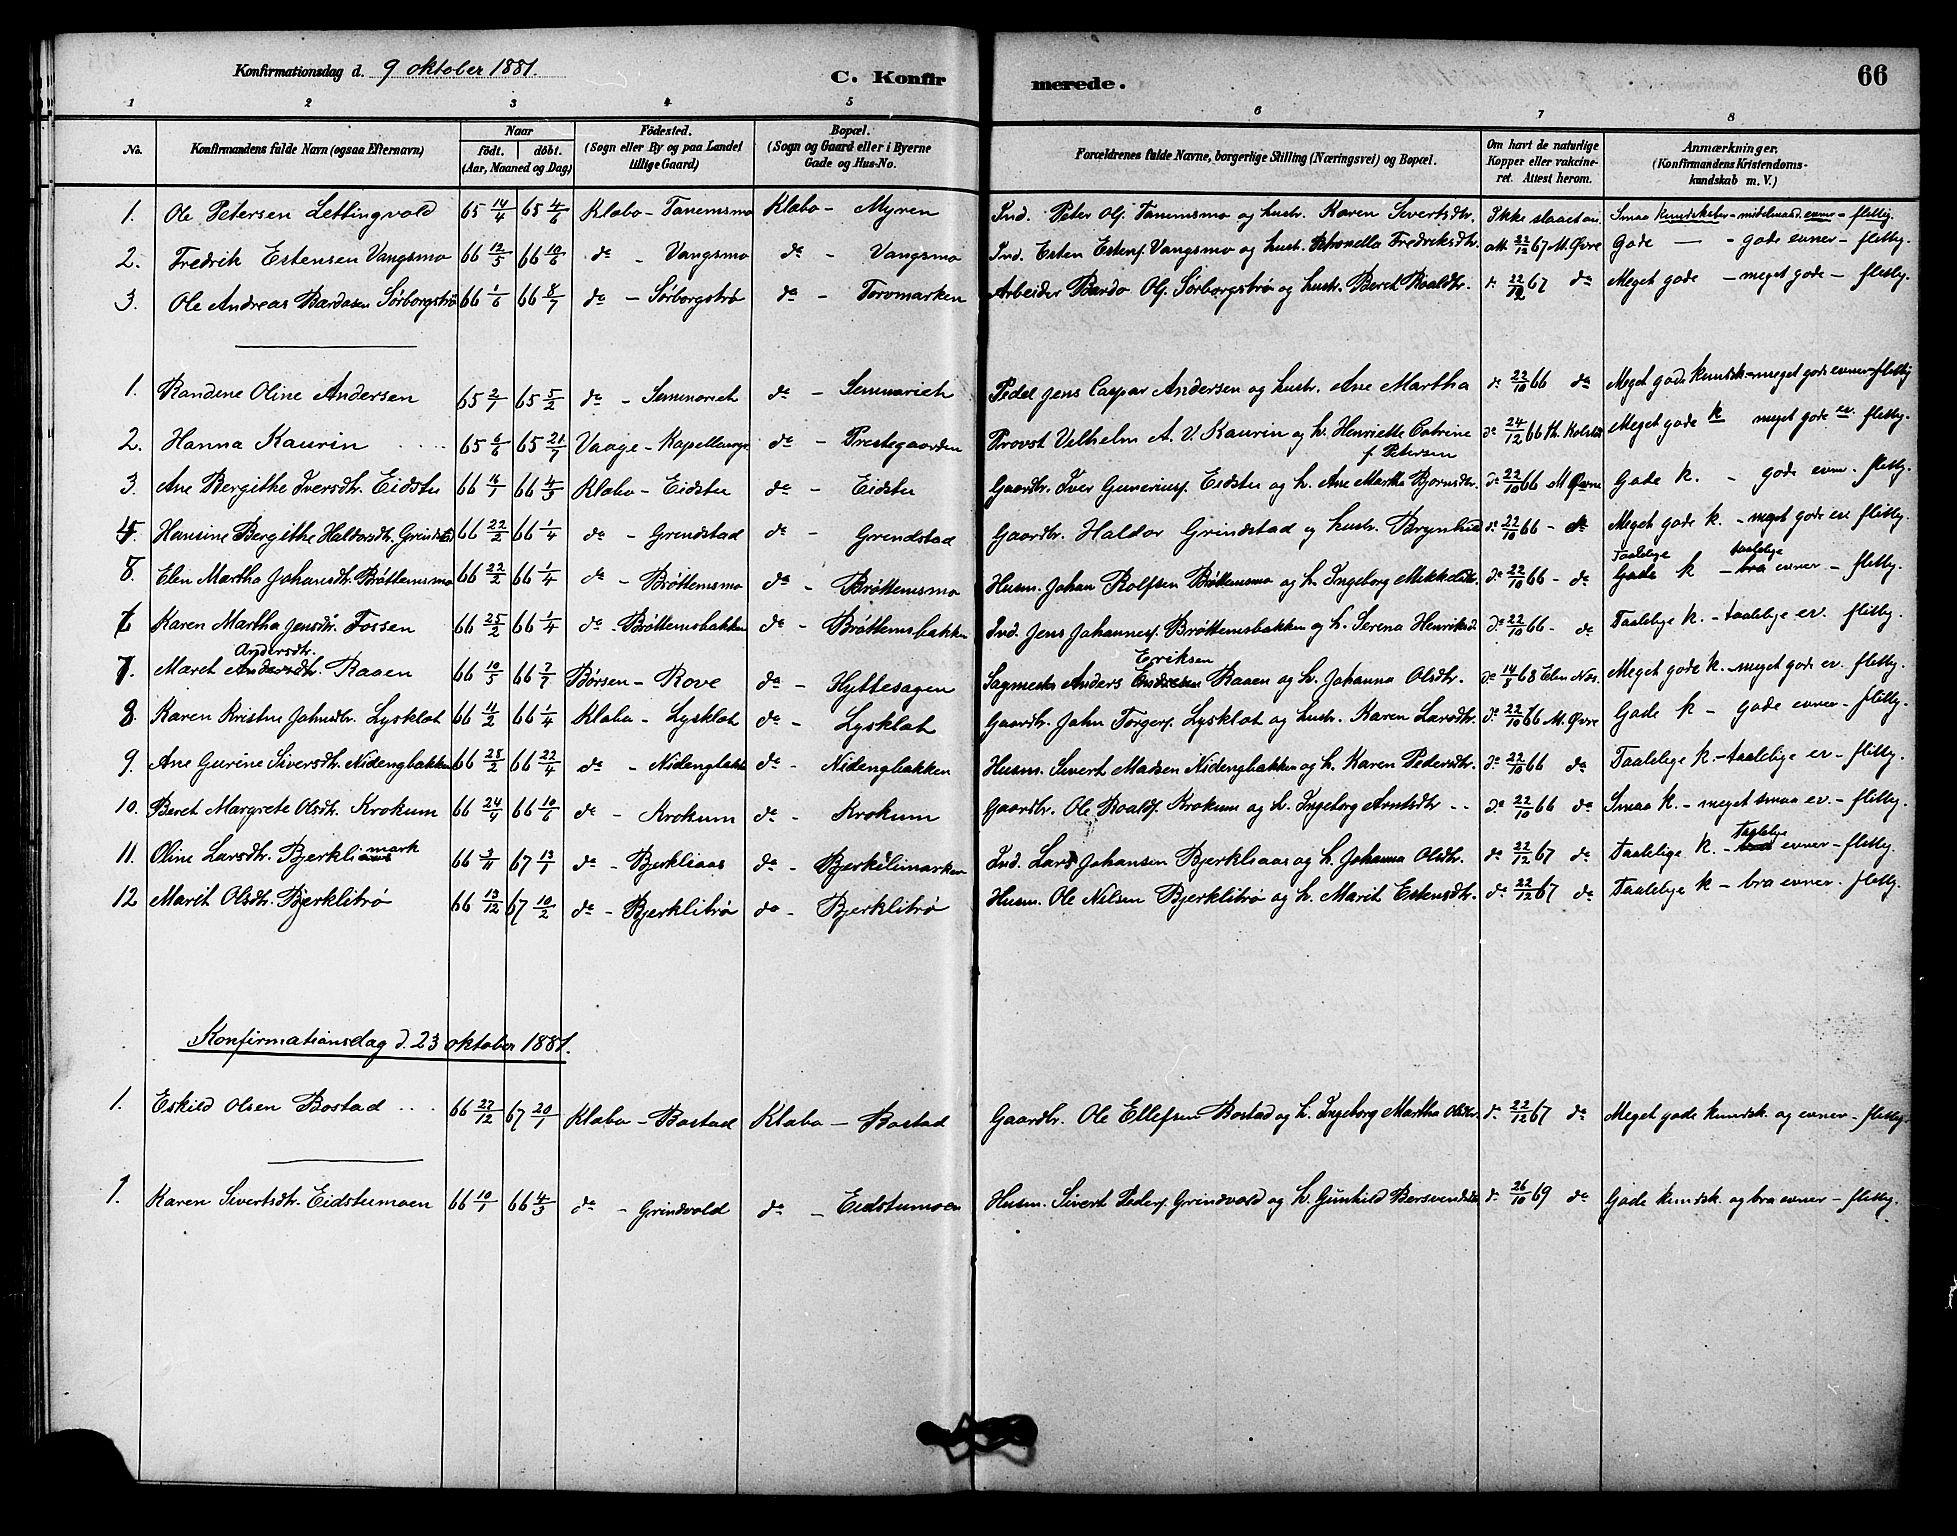 SAT, Ministerialprotokoller, klokkerbøker og fødselsregistre - Sør-Trøndelag, 618/L0444: Ministerialbok nr. 618A07, 1880-1898, s. 66